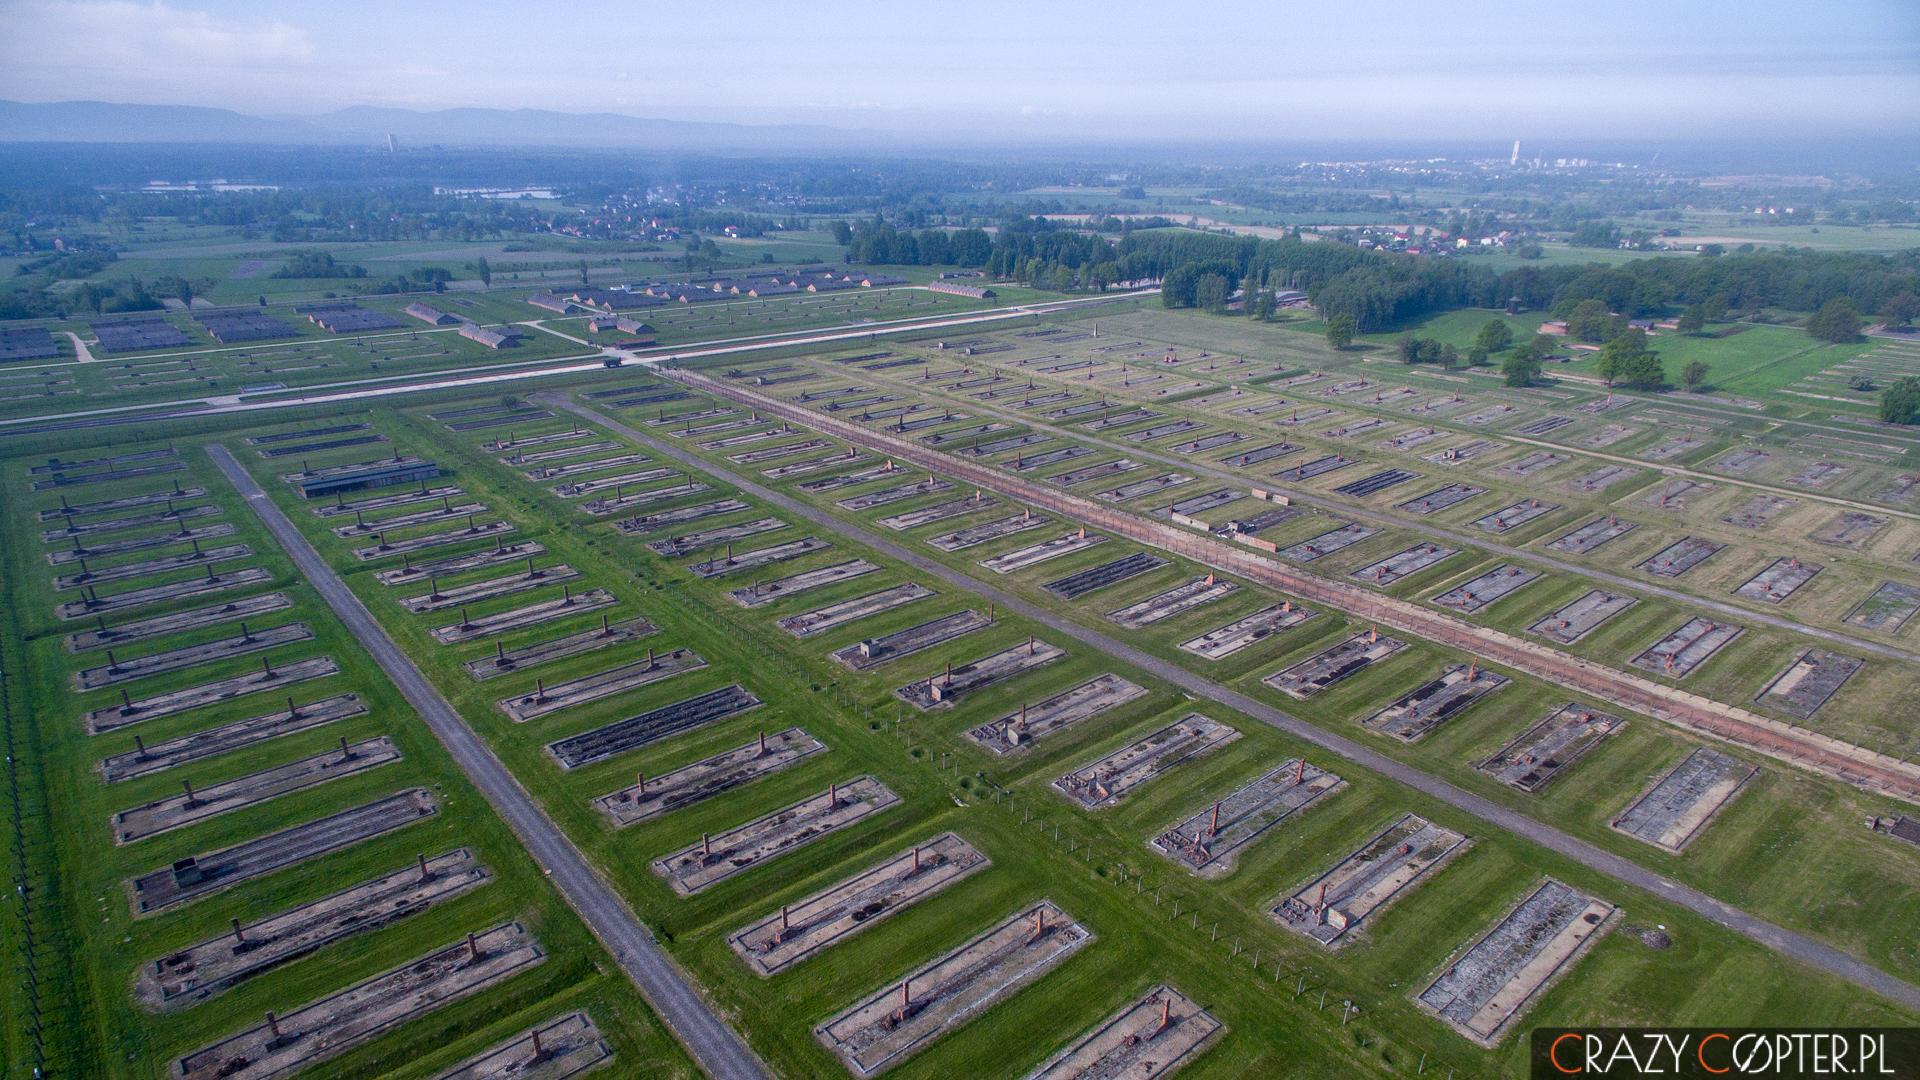 Obóz koncentracyjny Auschwitz-Birkenau - zdjęcia z drona